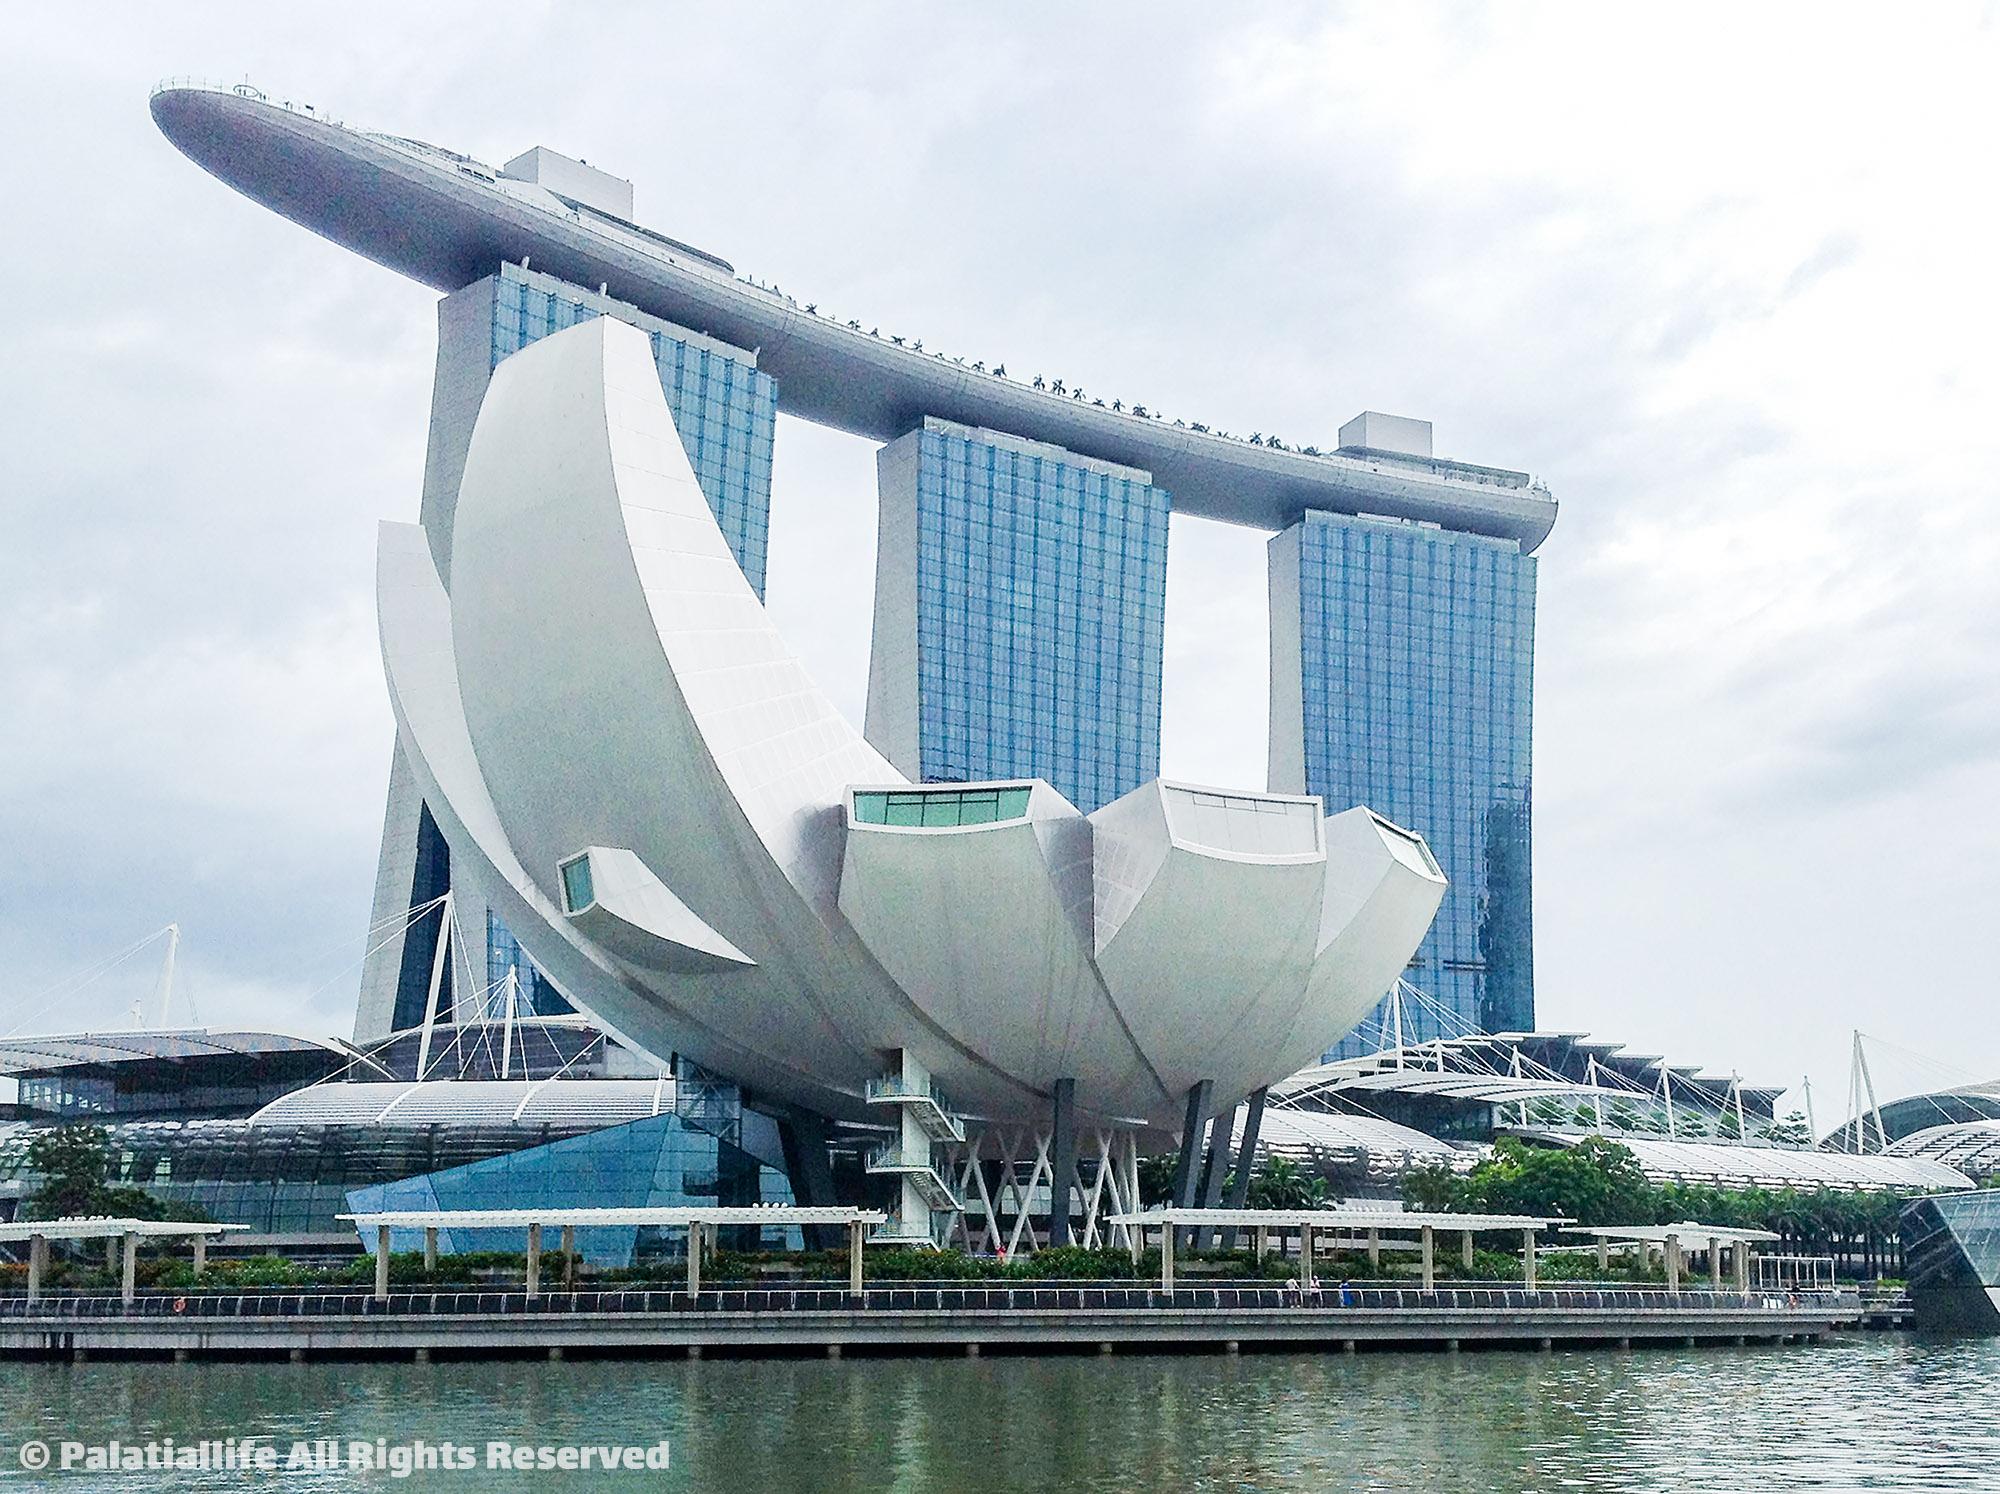 มาริน่า เบย์ แซนด์ Marina Bay Sands  สิงคโปร์ เที่ยวเตร็ดเตร่ไปตาม 5 ย่านยอดฮิตที่ไม่ควรพลาด IMG 2994